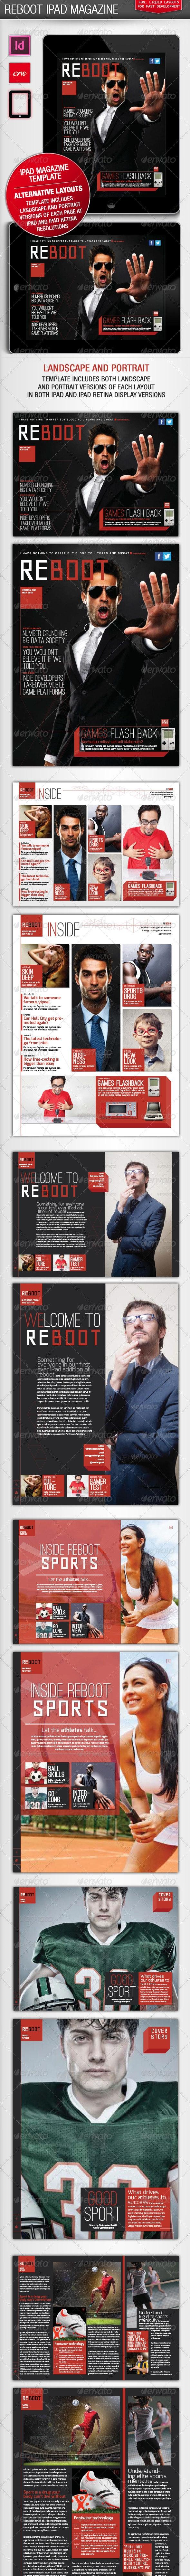 Reboot iPad Magazine - Digital Magazines ePublishing